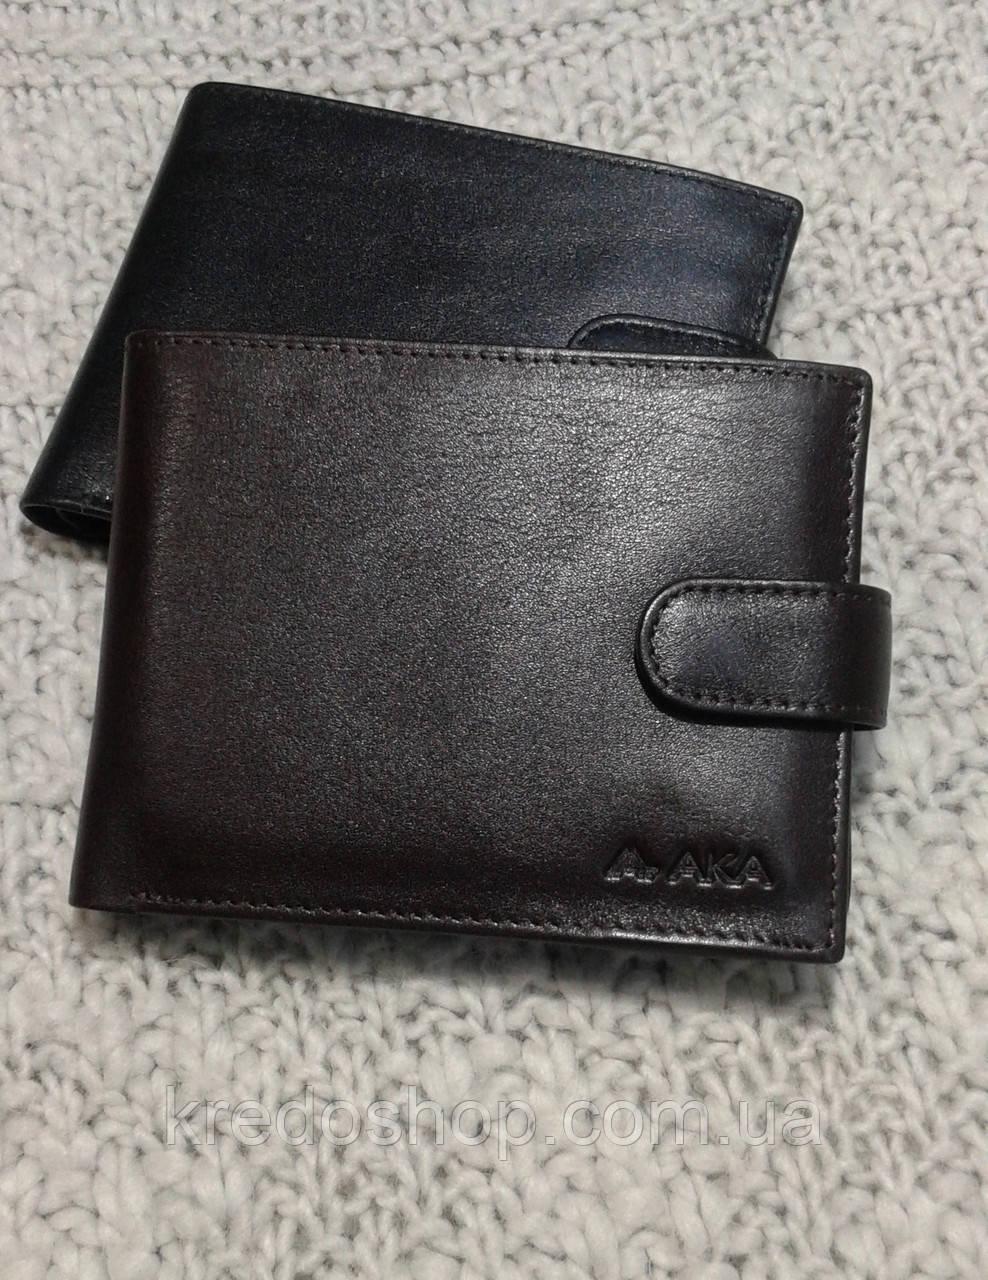 8e773fd325d5 Мужской кошелек кожаный коричневый фирмы АКА Deri - Интернет-магазин сумок  и аксессуаров